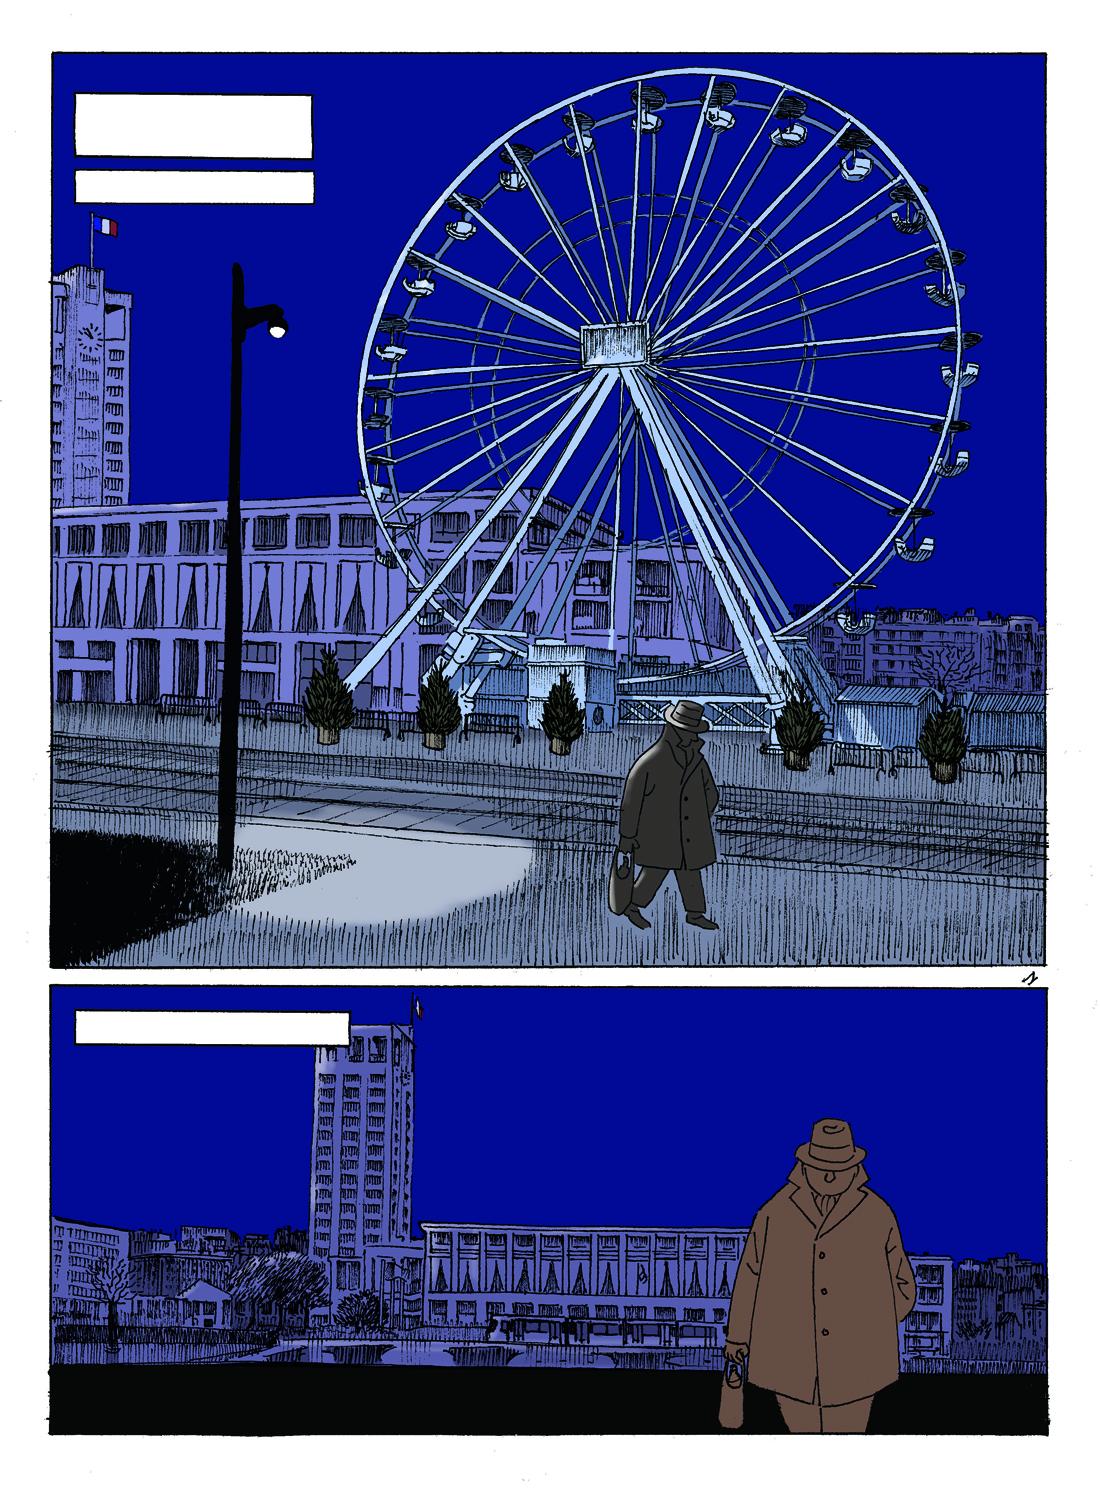 30 ans d'édition, par Sébastien Gnaedig, Epilogue: Mister Nobody. Mise en couleur de la planche 1 de Mister Nobody